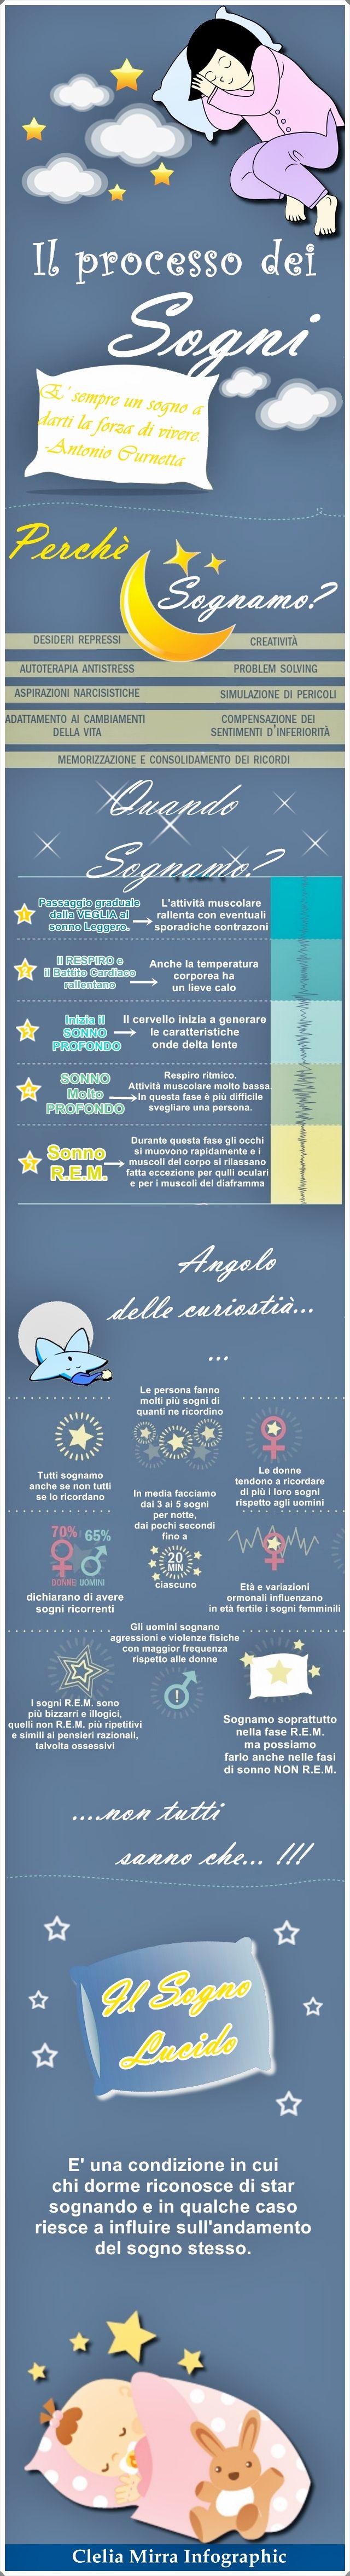 Il processo dei Sogni !!! #Infografica